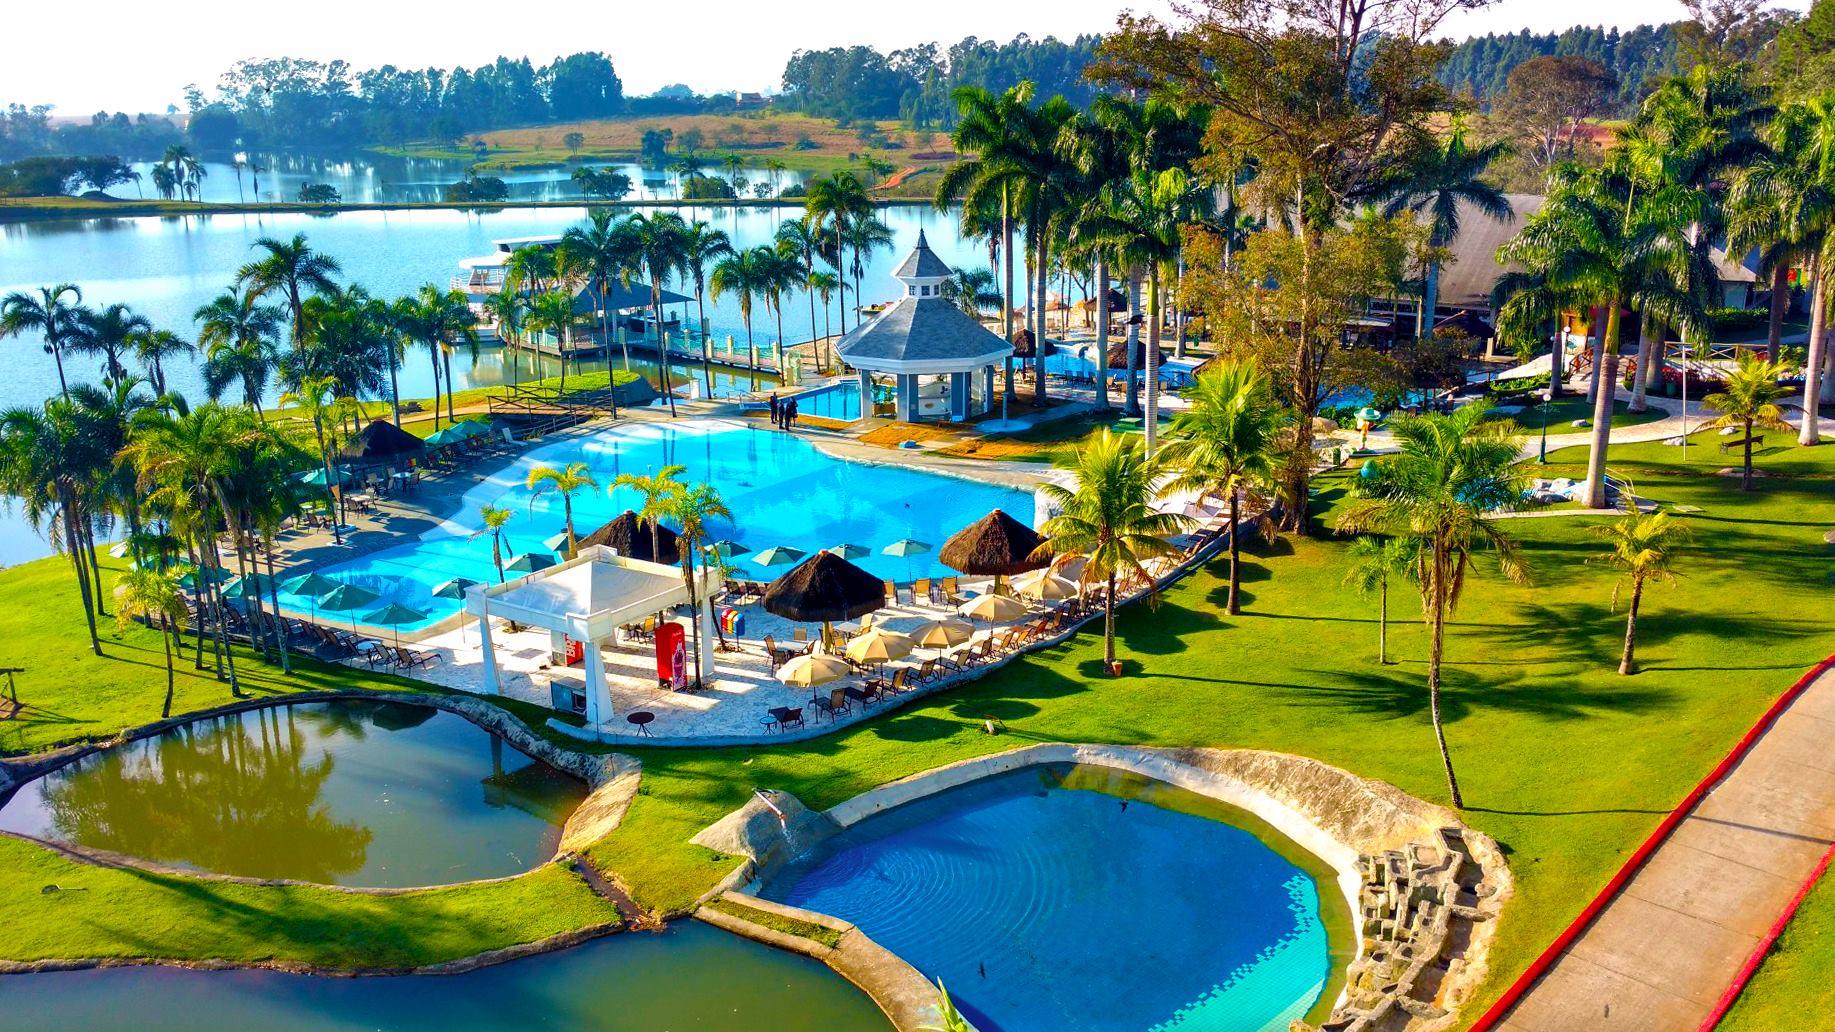 Vista aérea da piscina e do lago de um dos melhores resorts all inclusive do Brasil, o Mavsa Resort